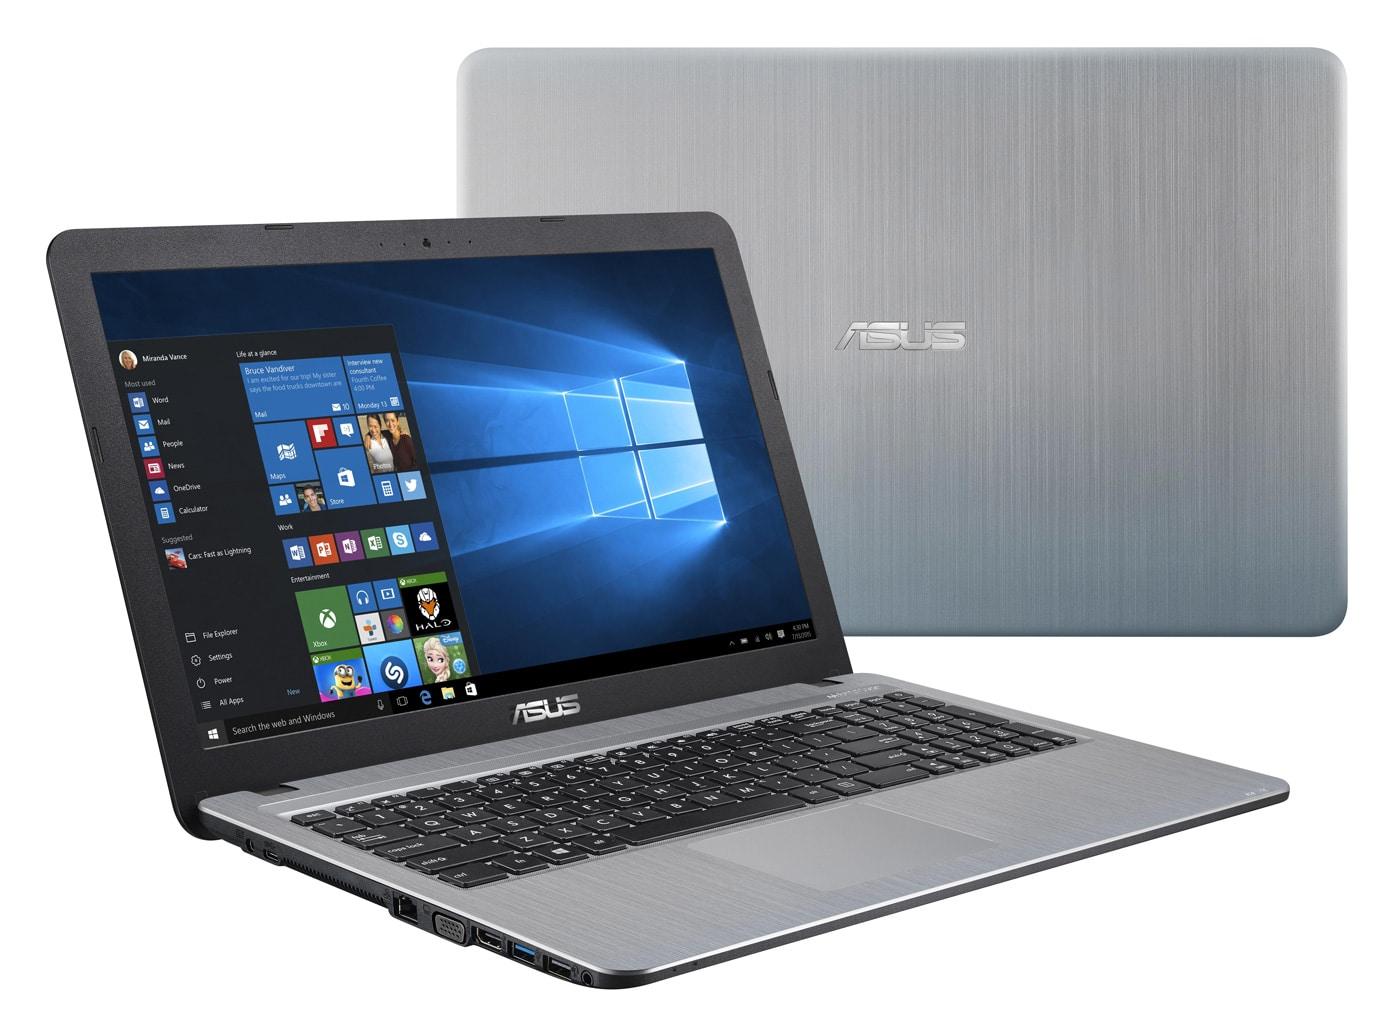 Asus R541UJ-GO178T, PC portable 15 pouces 8 Go 920M Core i3 argent à 540€